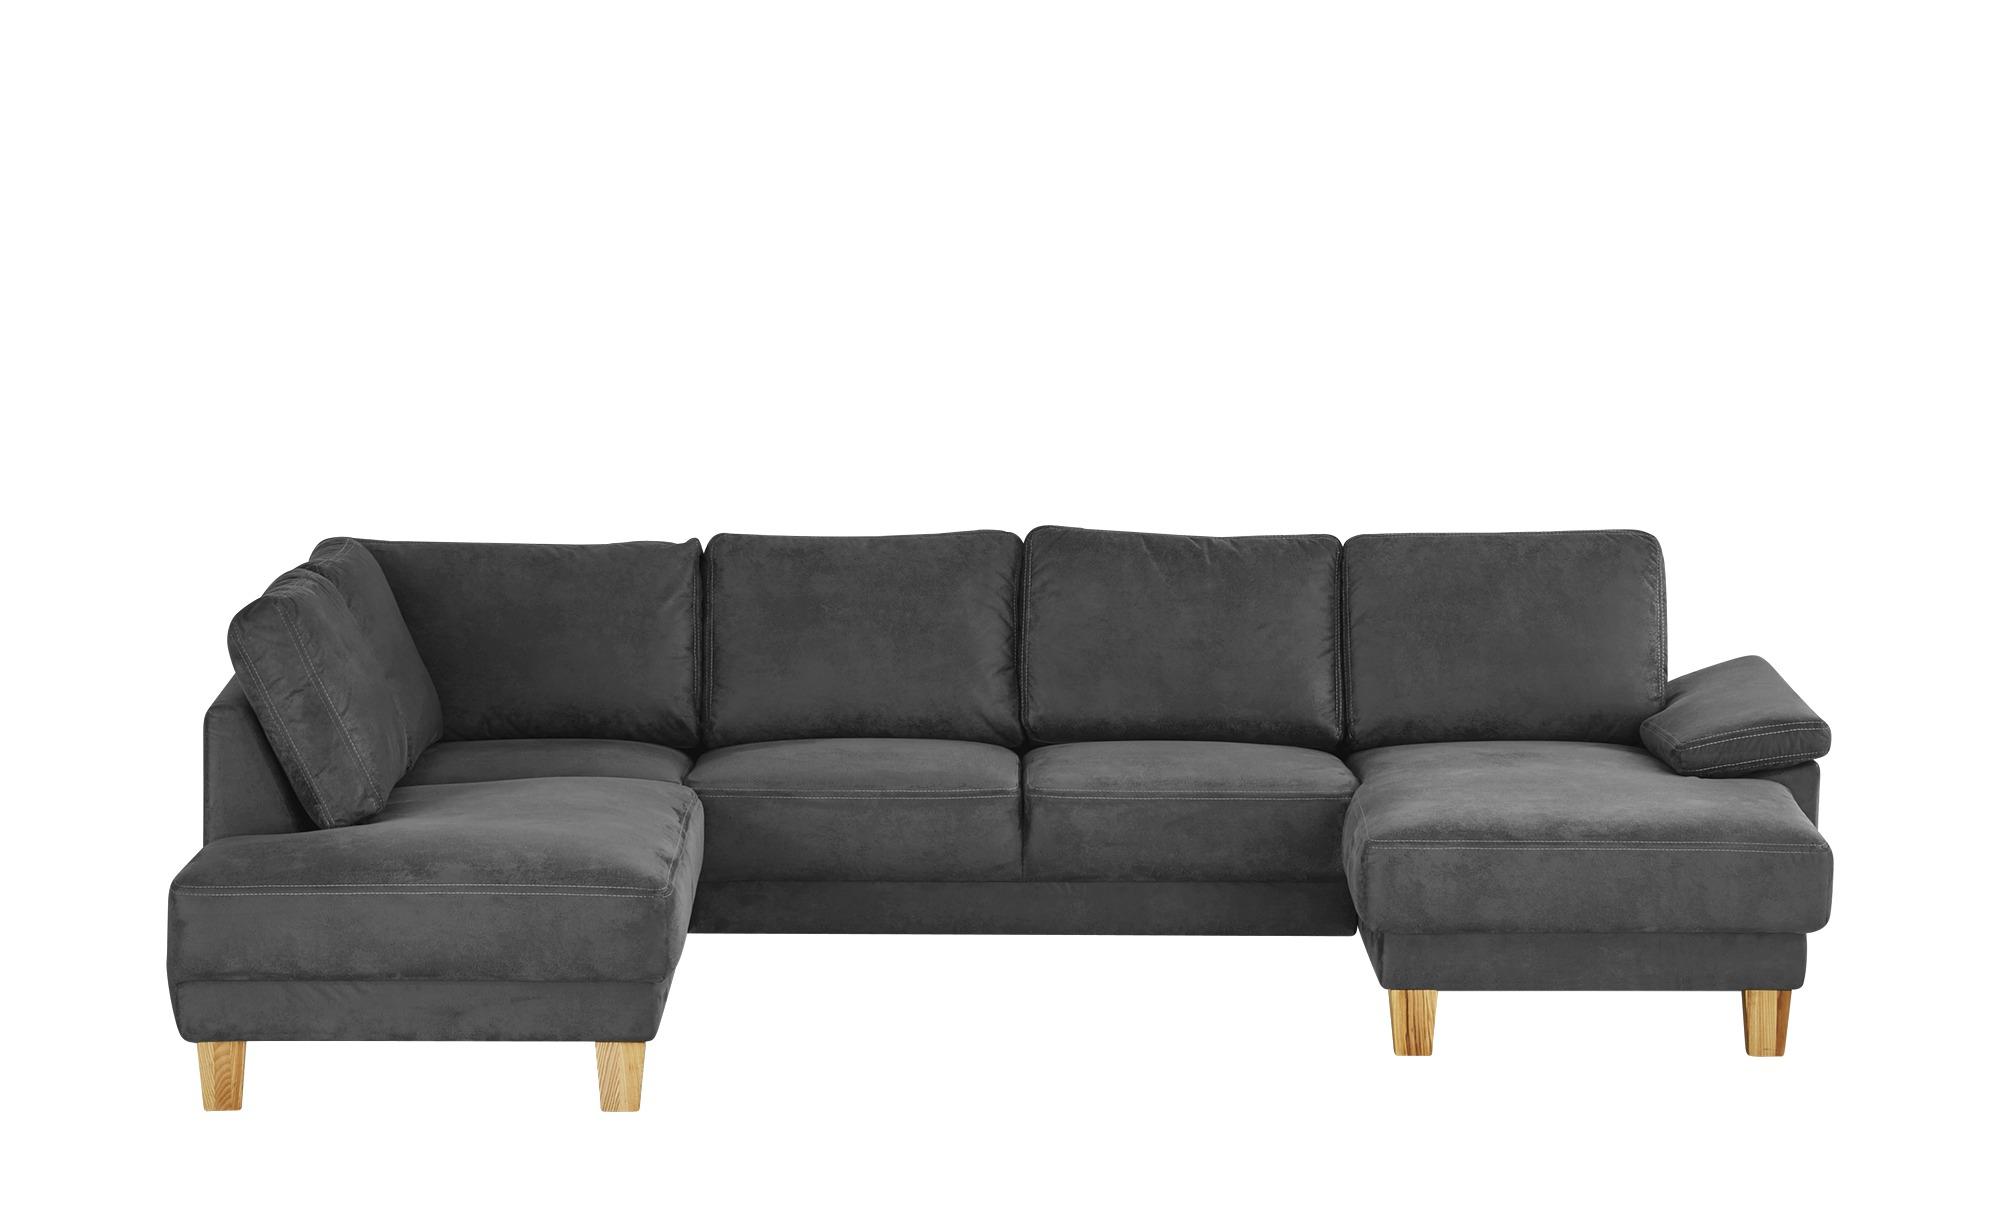 Smart Wohnlandschaft Atara Wohnen Sofa Mit Schlaffunktion